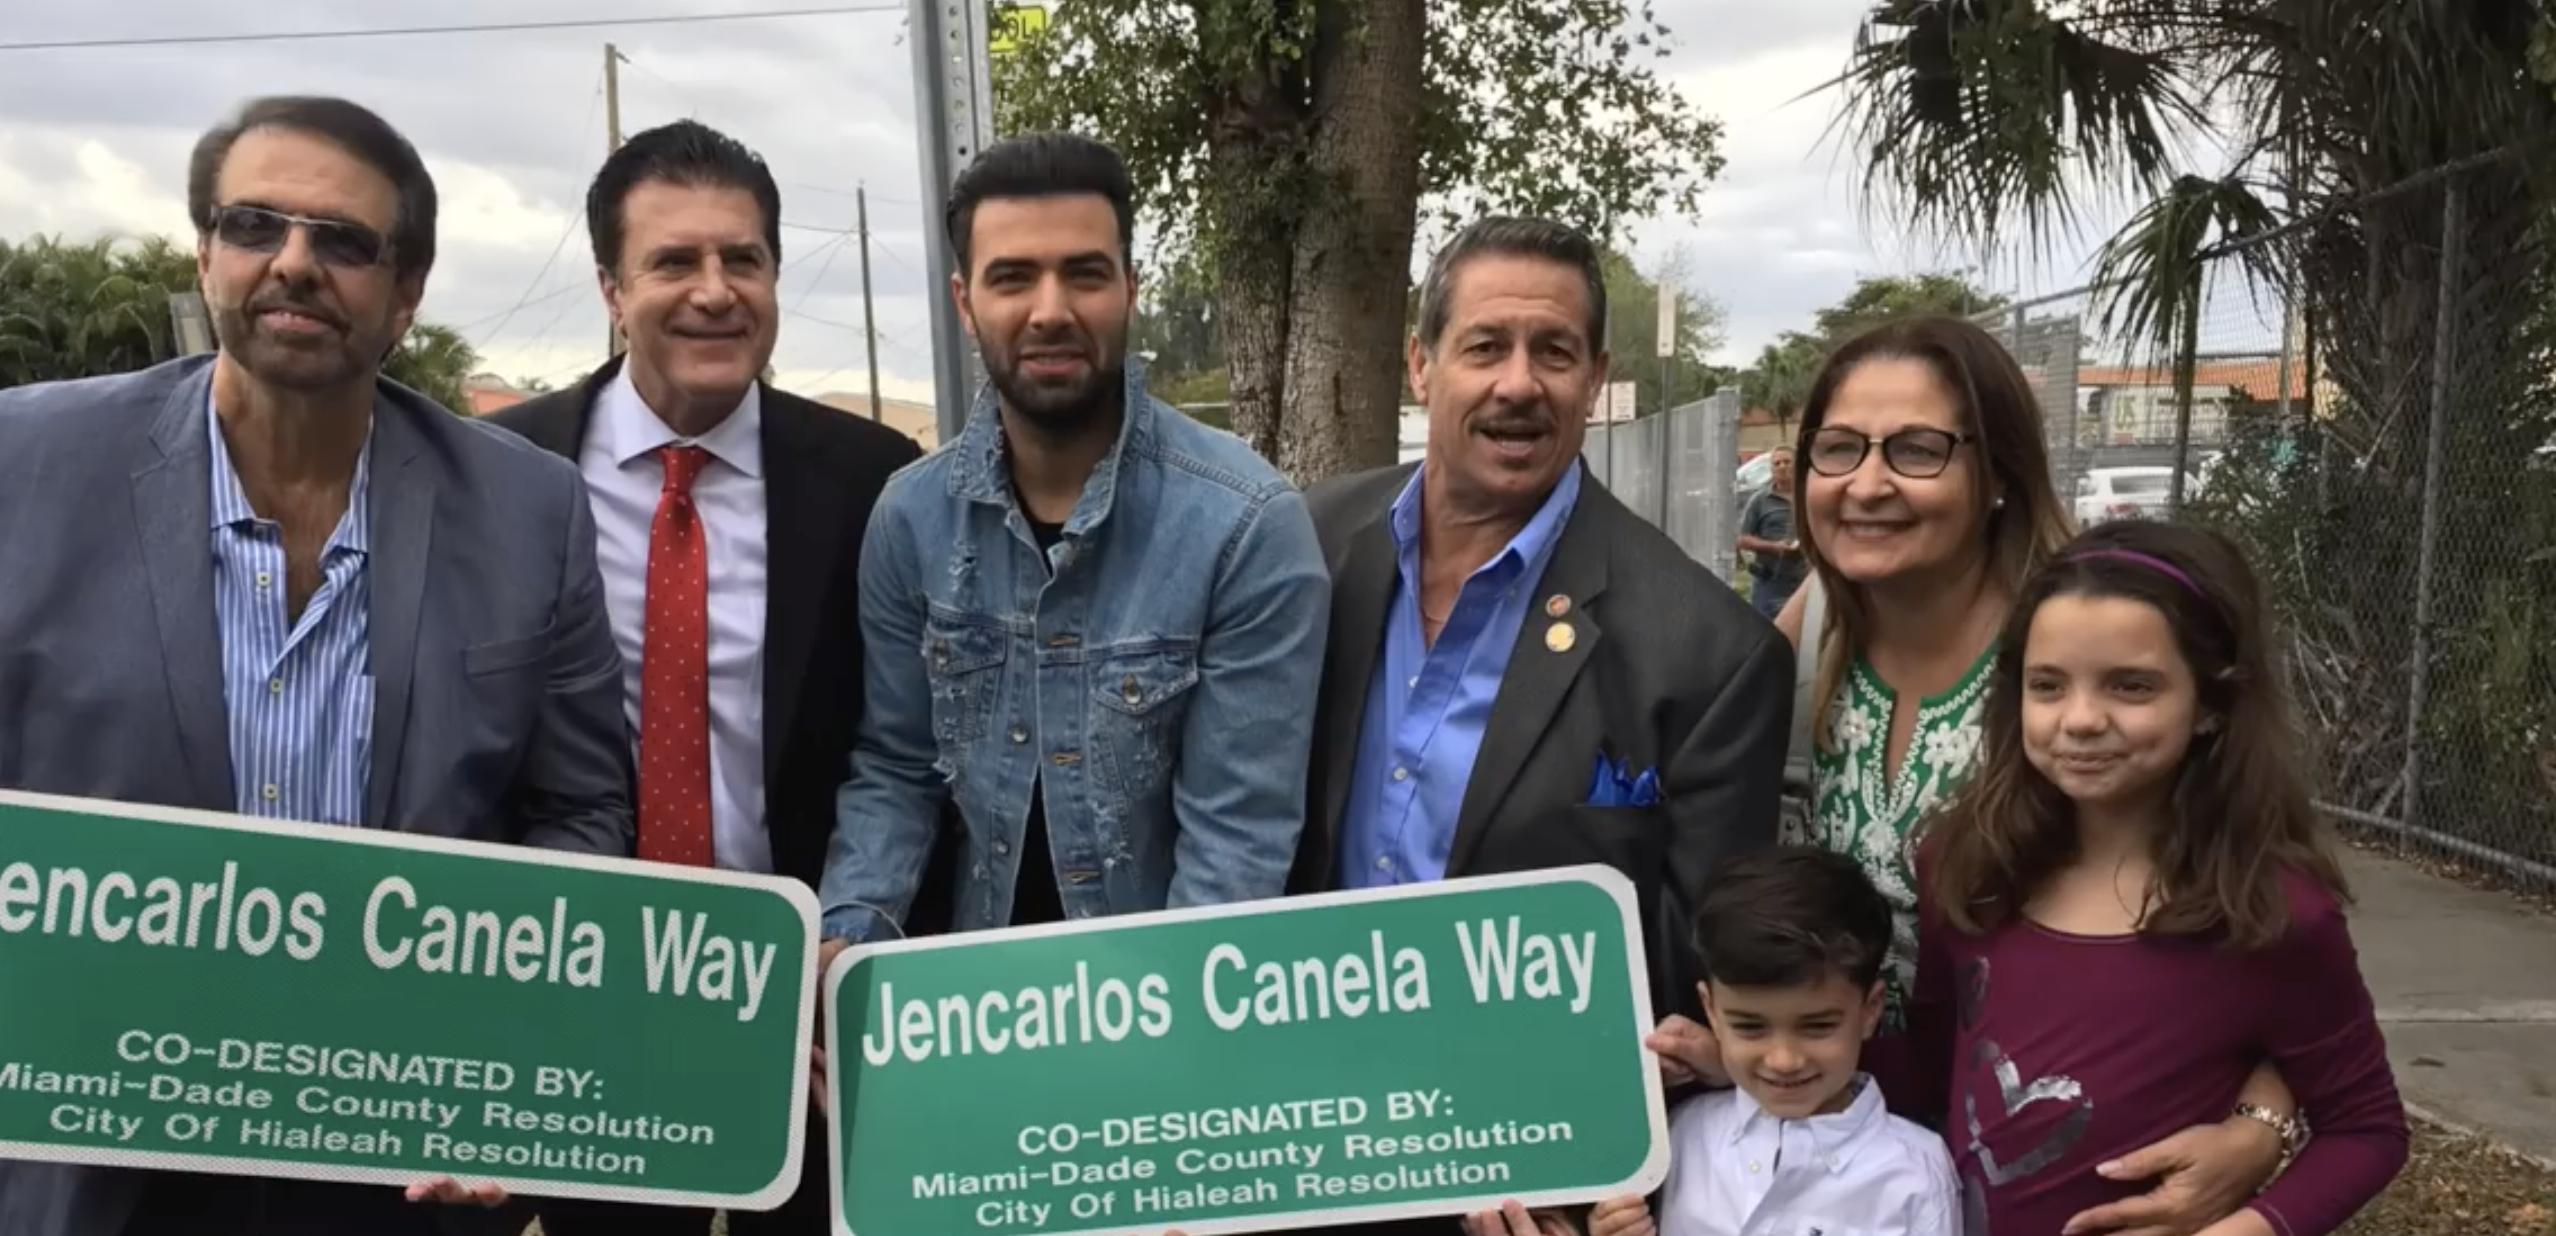 Jencarlos Canela's Street In Hialeah!!